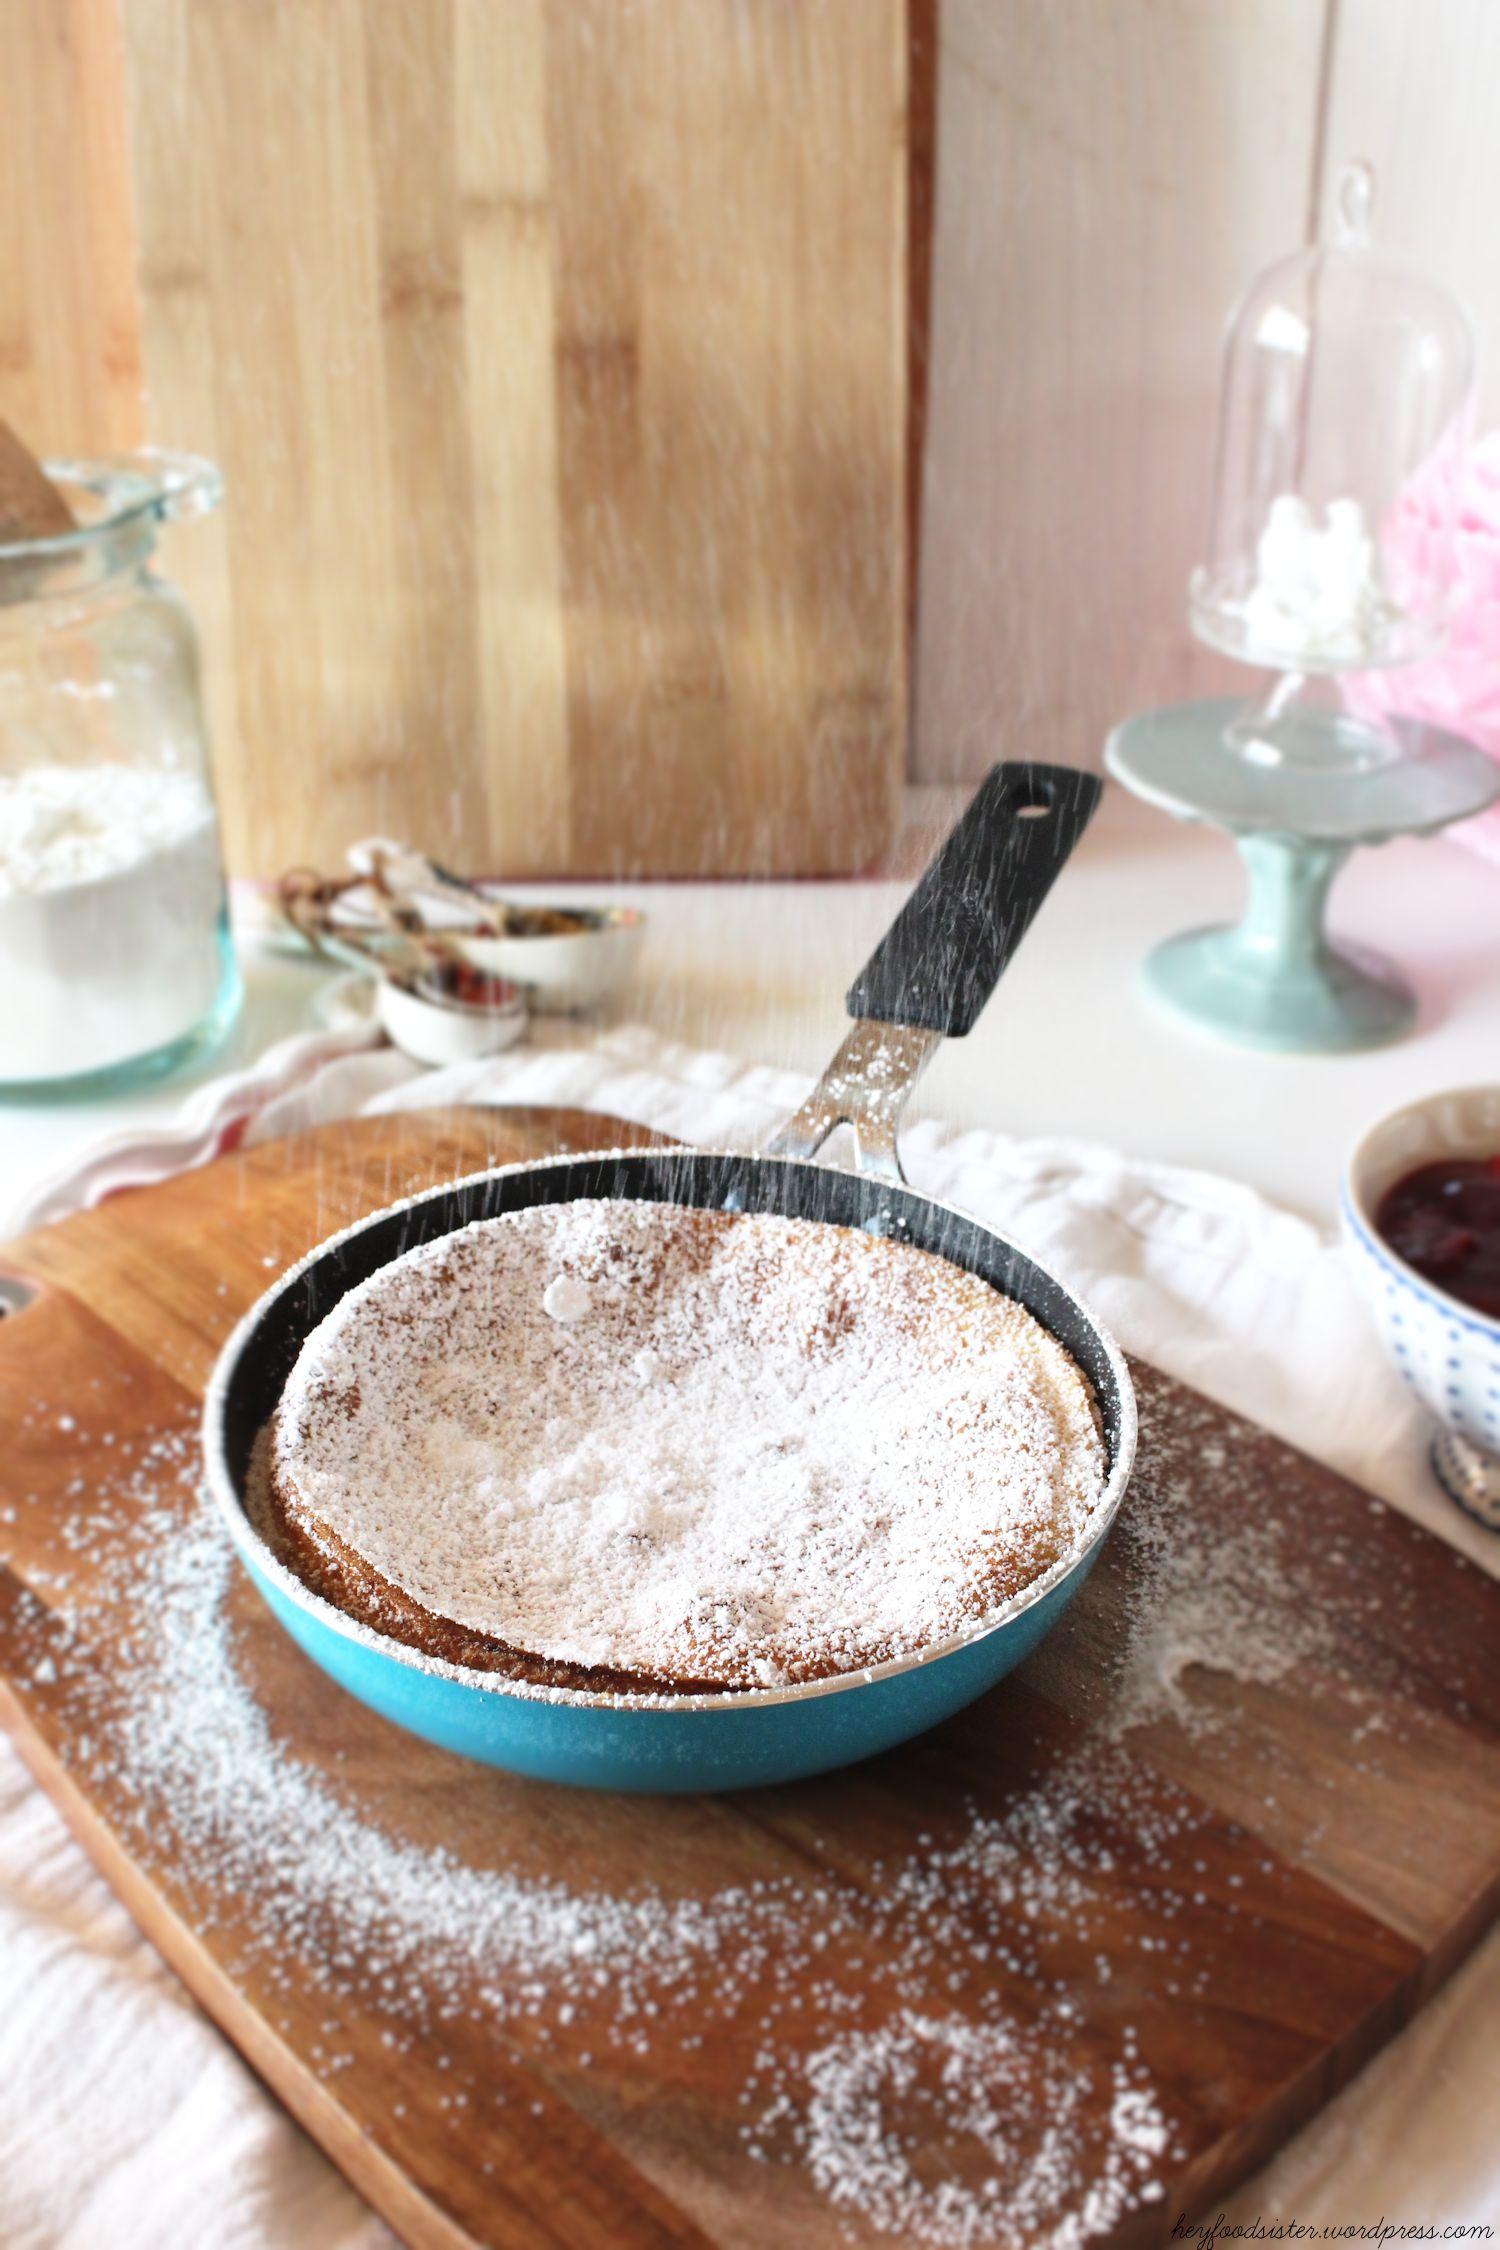 Rezept für Ofenpfannkuchen Hey Foodsister